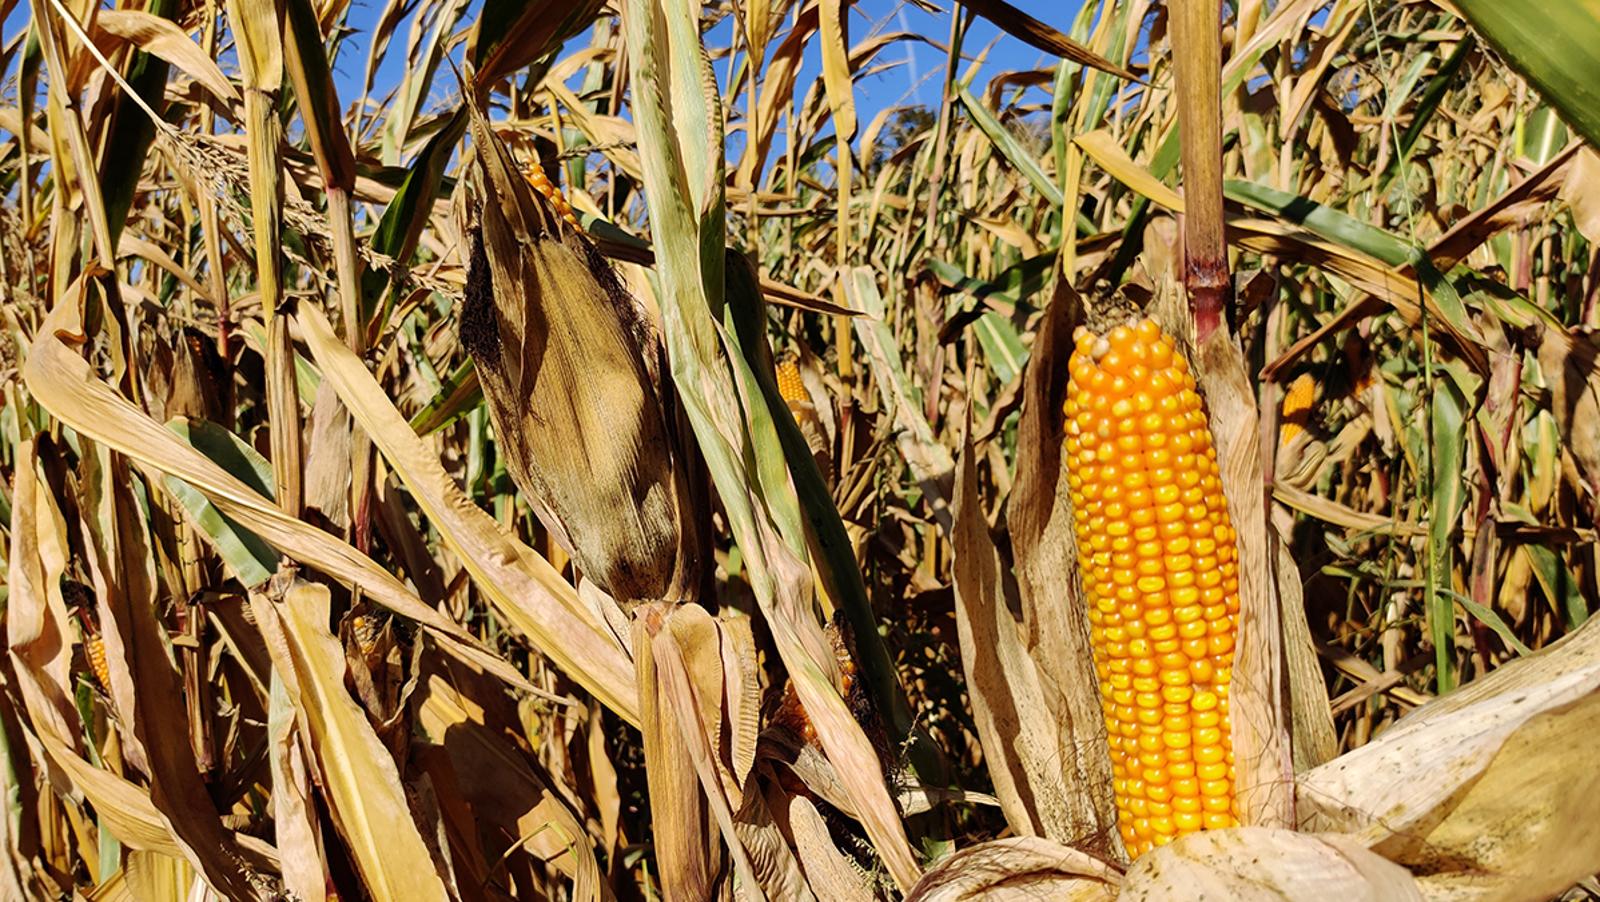 Este campo de maíz seco nunca ha lucido tan bien. Ni siquiera en el mundo real.